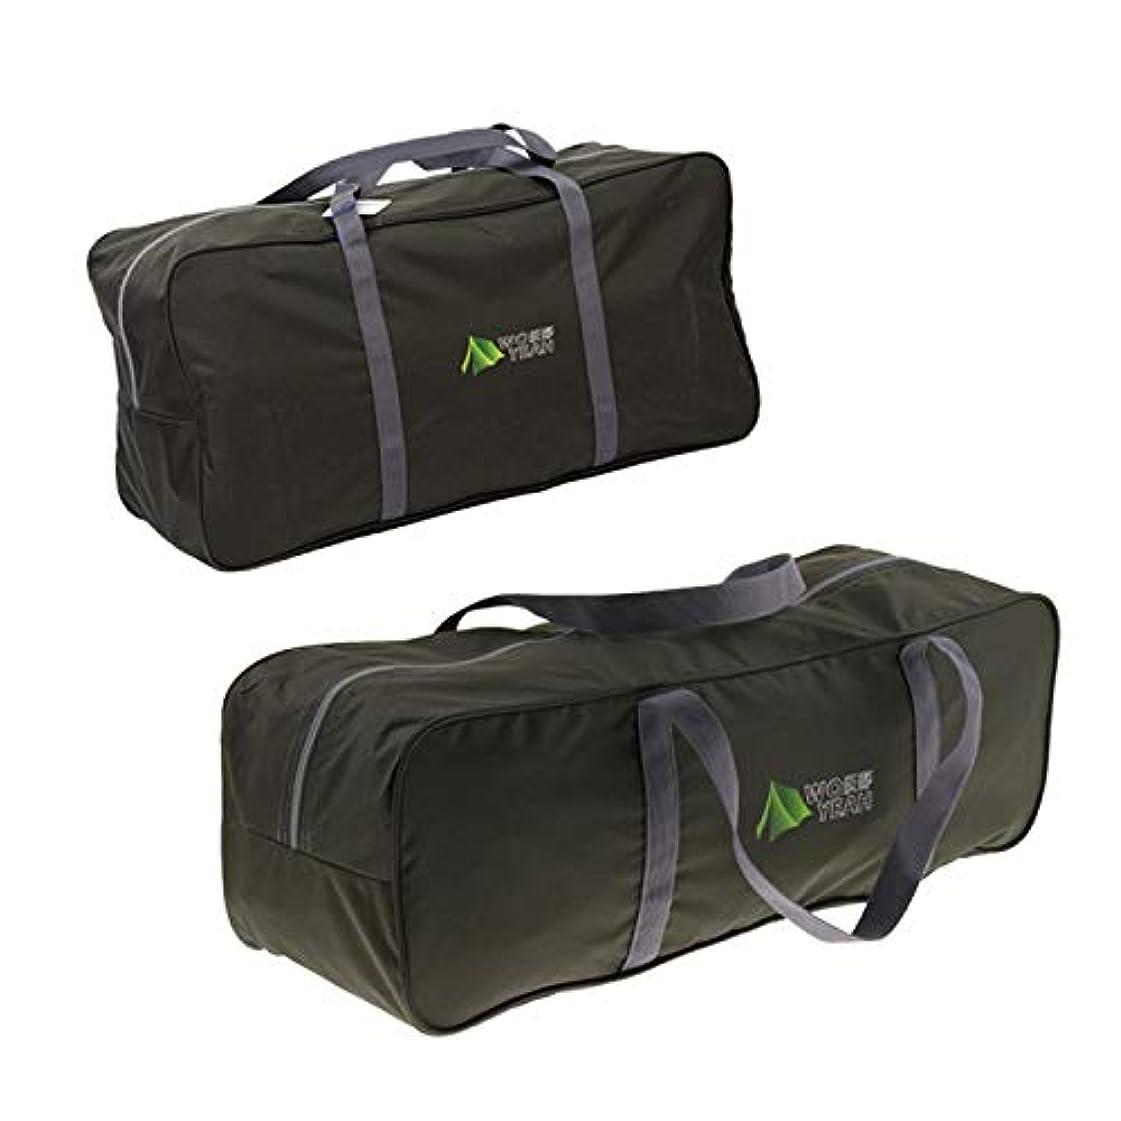 構成障害者絞るD DOLITY 2個 アウトドア ダッフルバッグ ジッパー収納袋 キャンプ用 全2選択